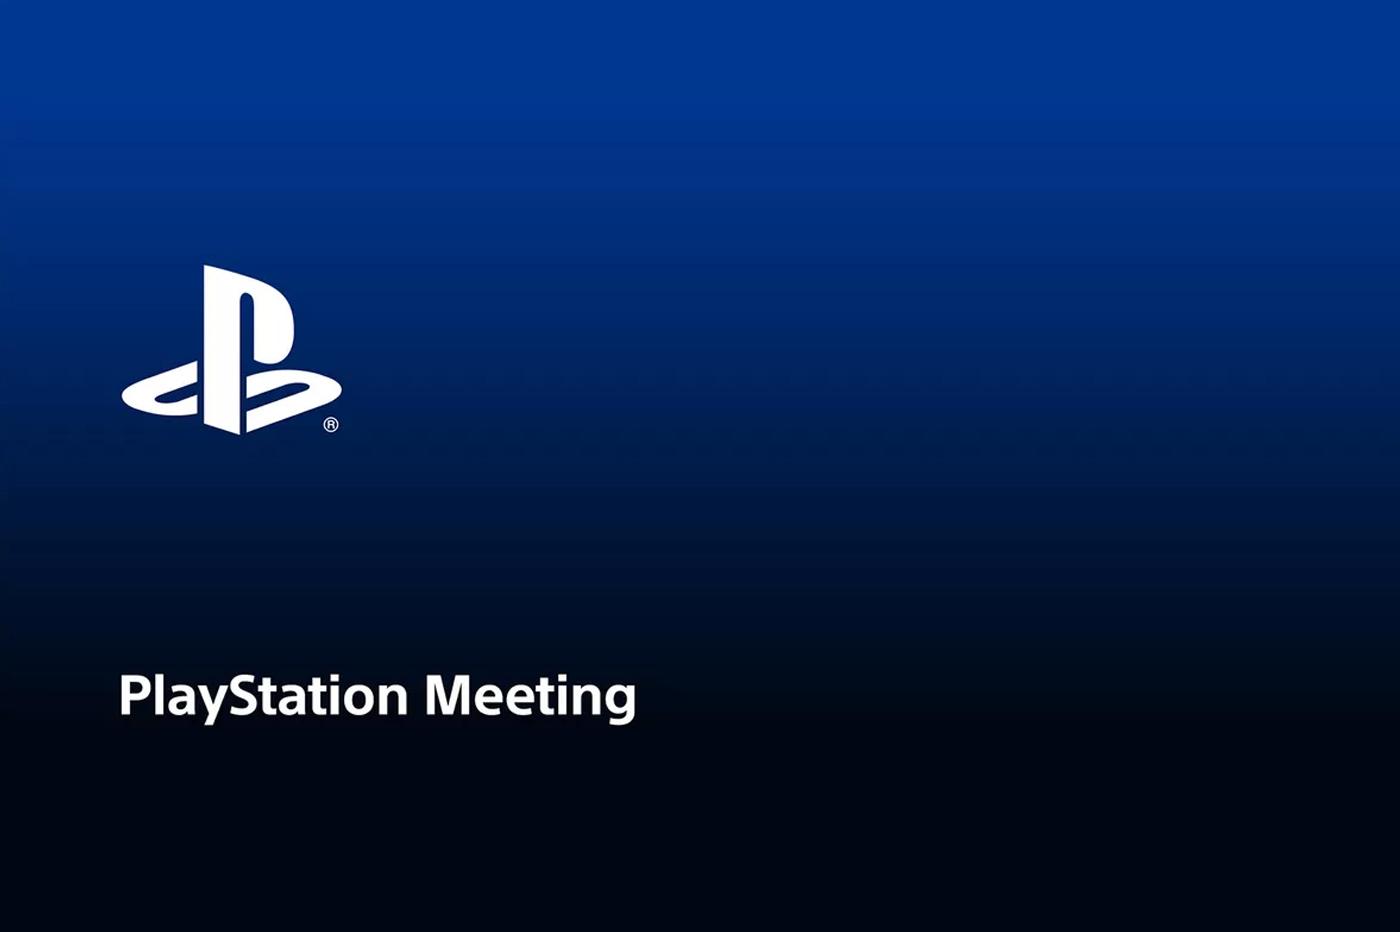 La prochaine PlayStation (PS5) présentée en février 2020 avec une première liste de jeux ?